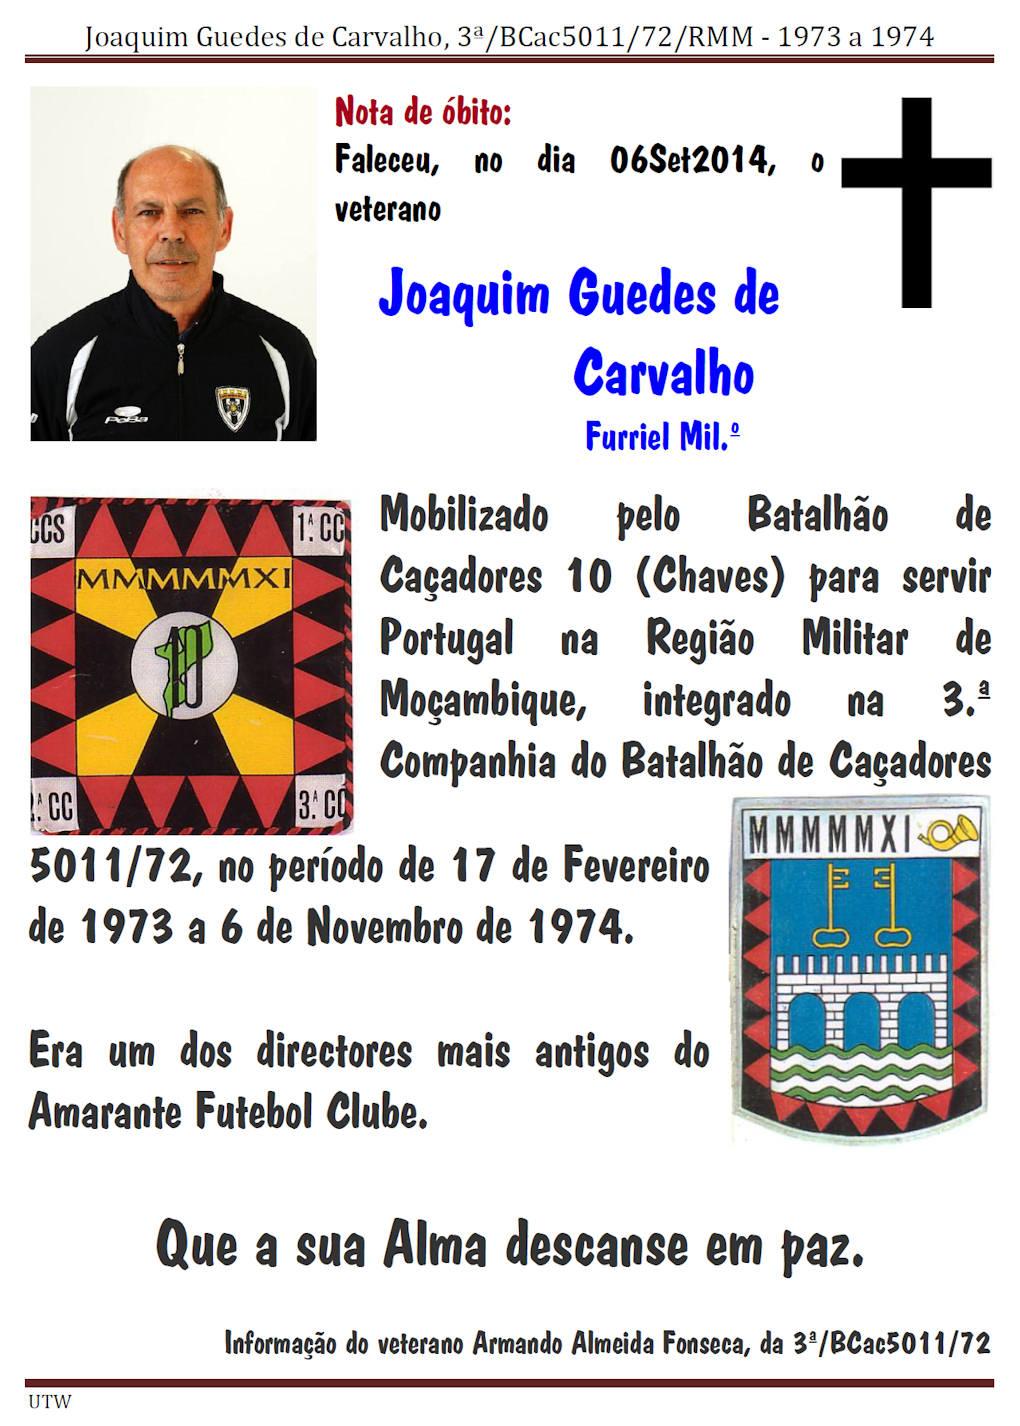 Faleceu o veterano Joaquim Guedes de Carvalho, da 3Cª/BCac5011/72 - 06Set2014 Joaqui10